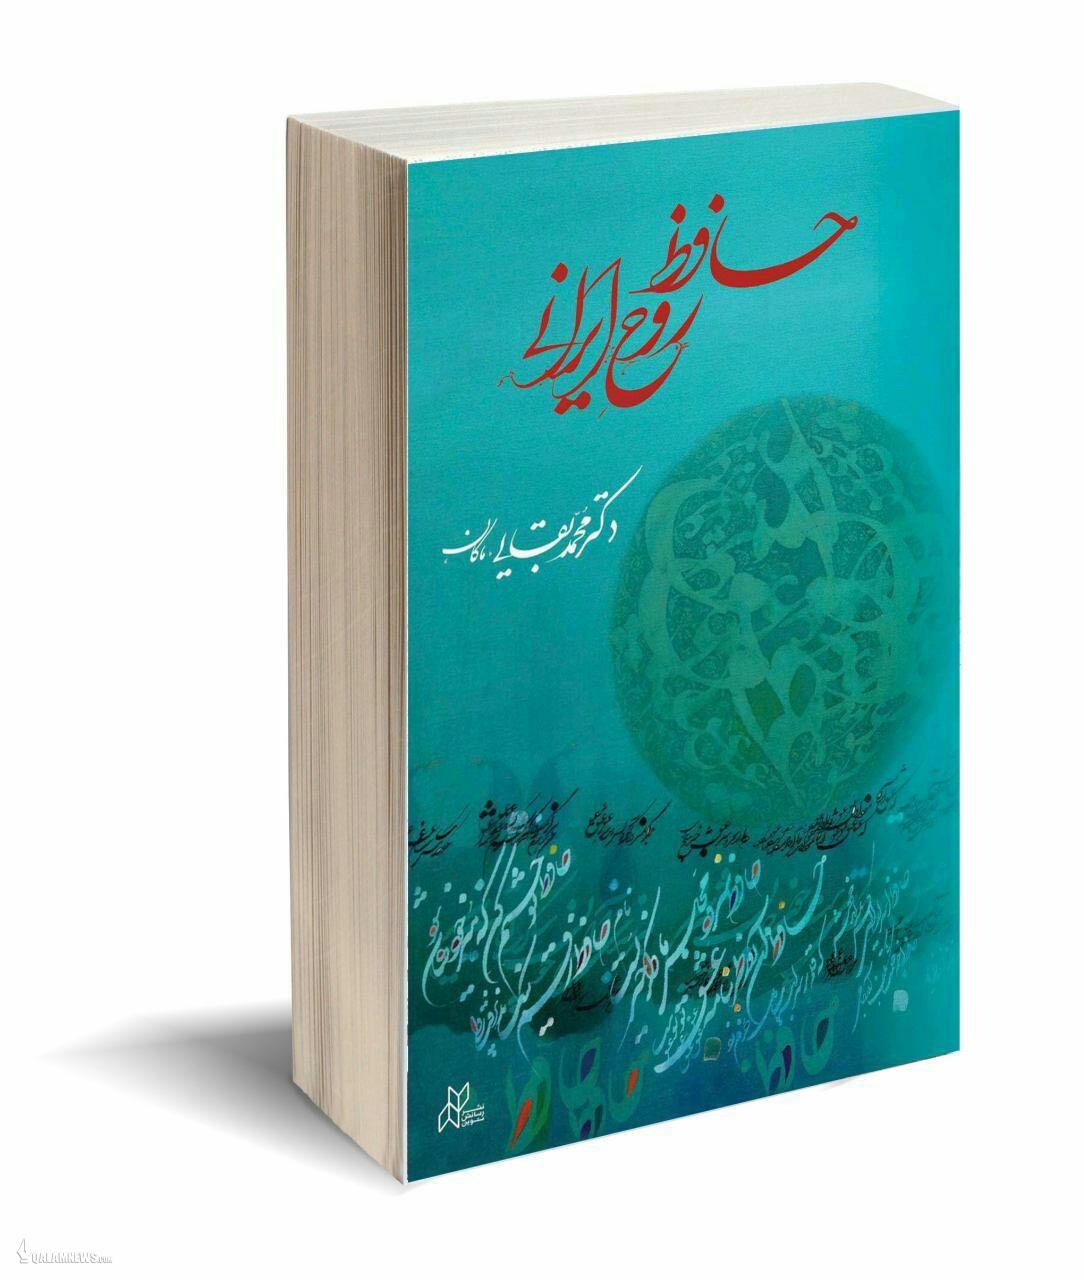 حافظ، روح ایرانی منتشر شد